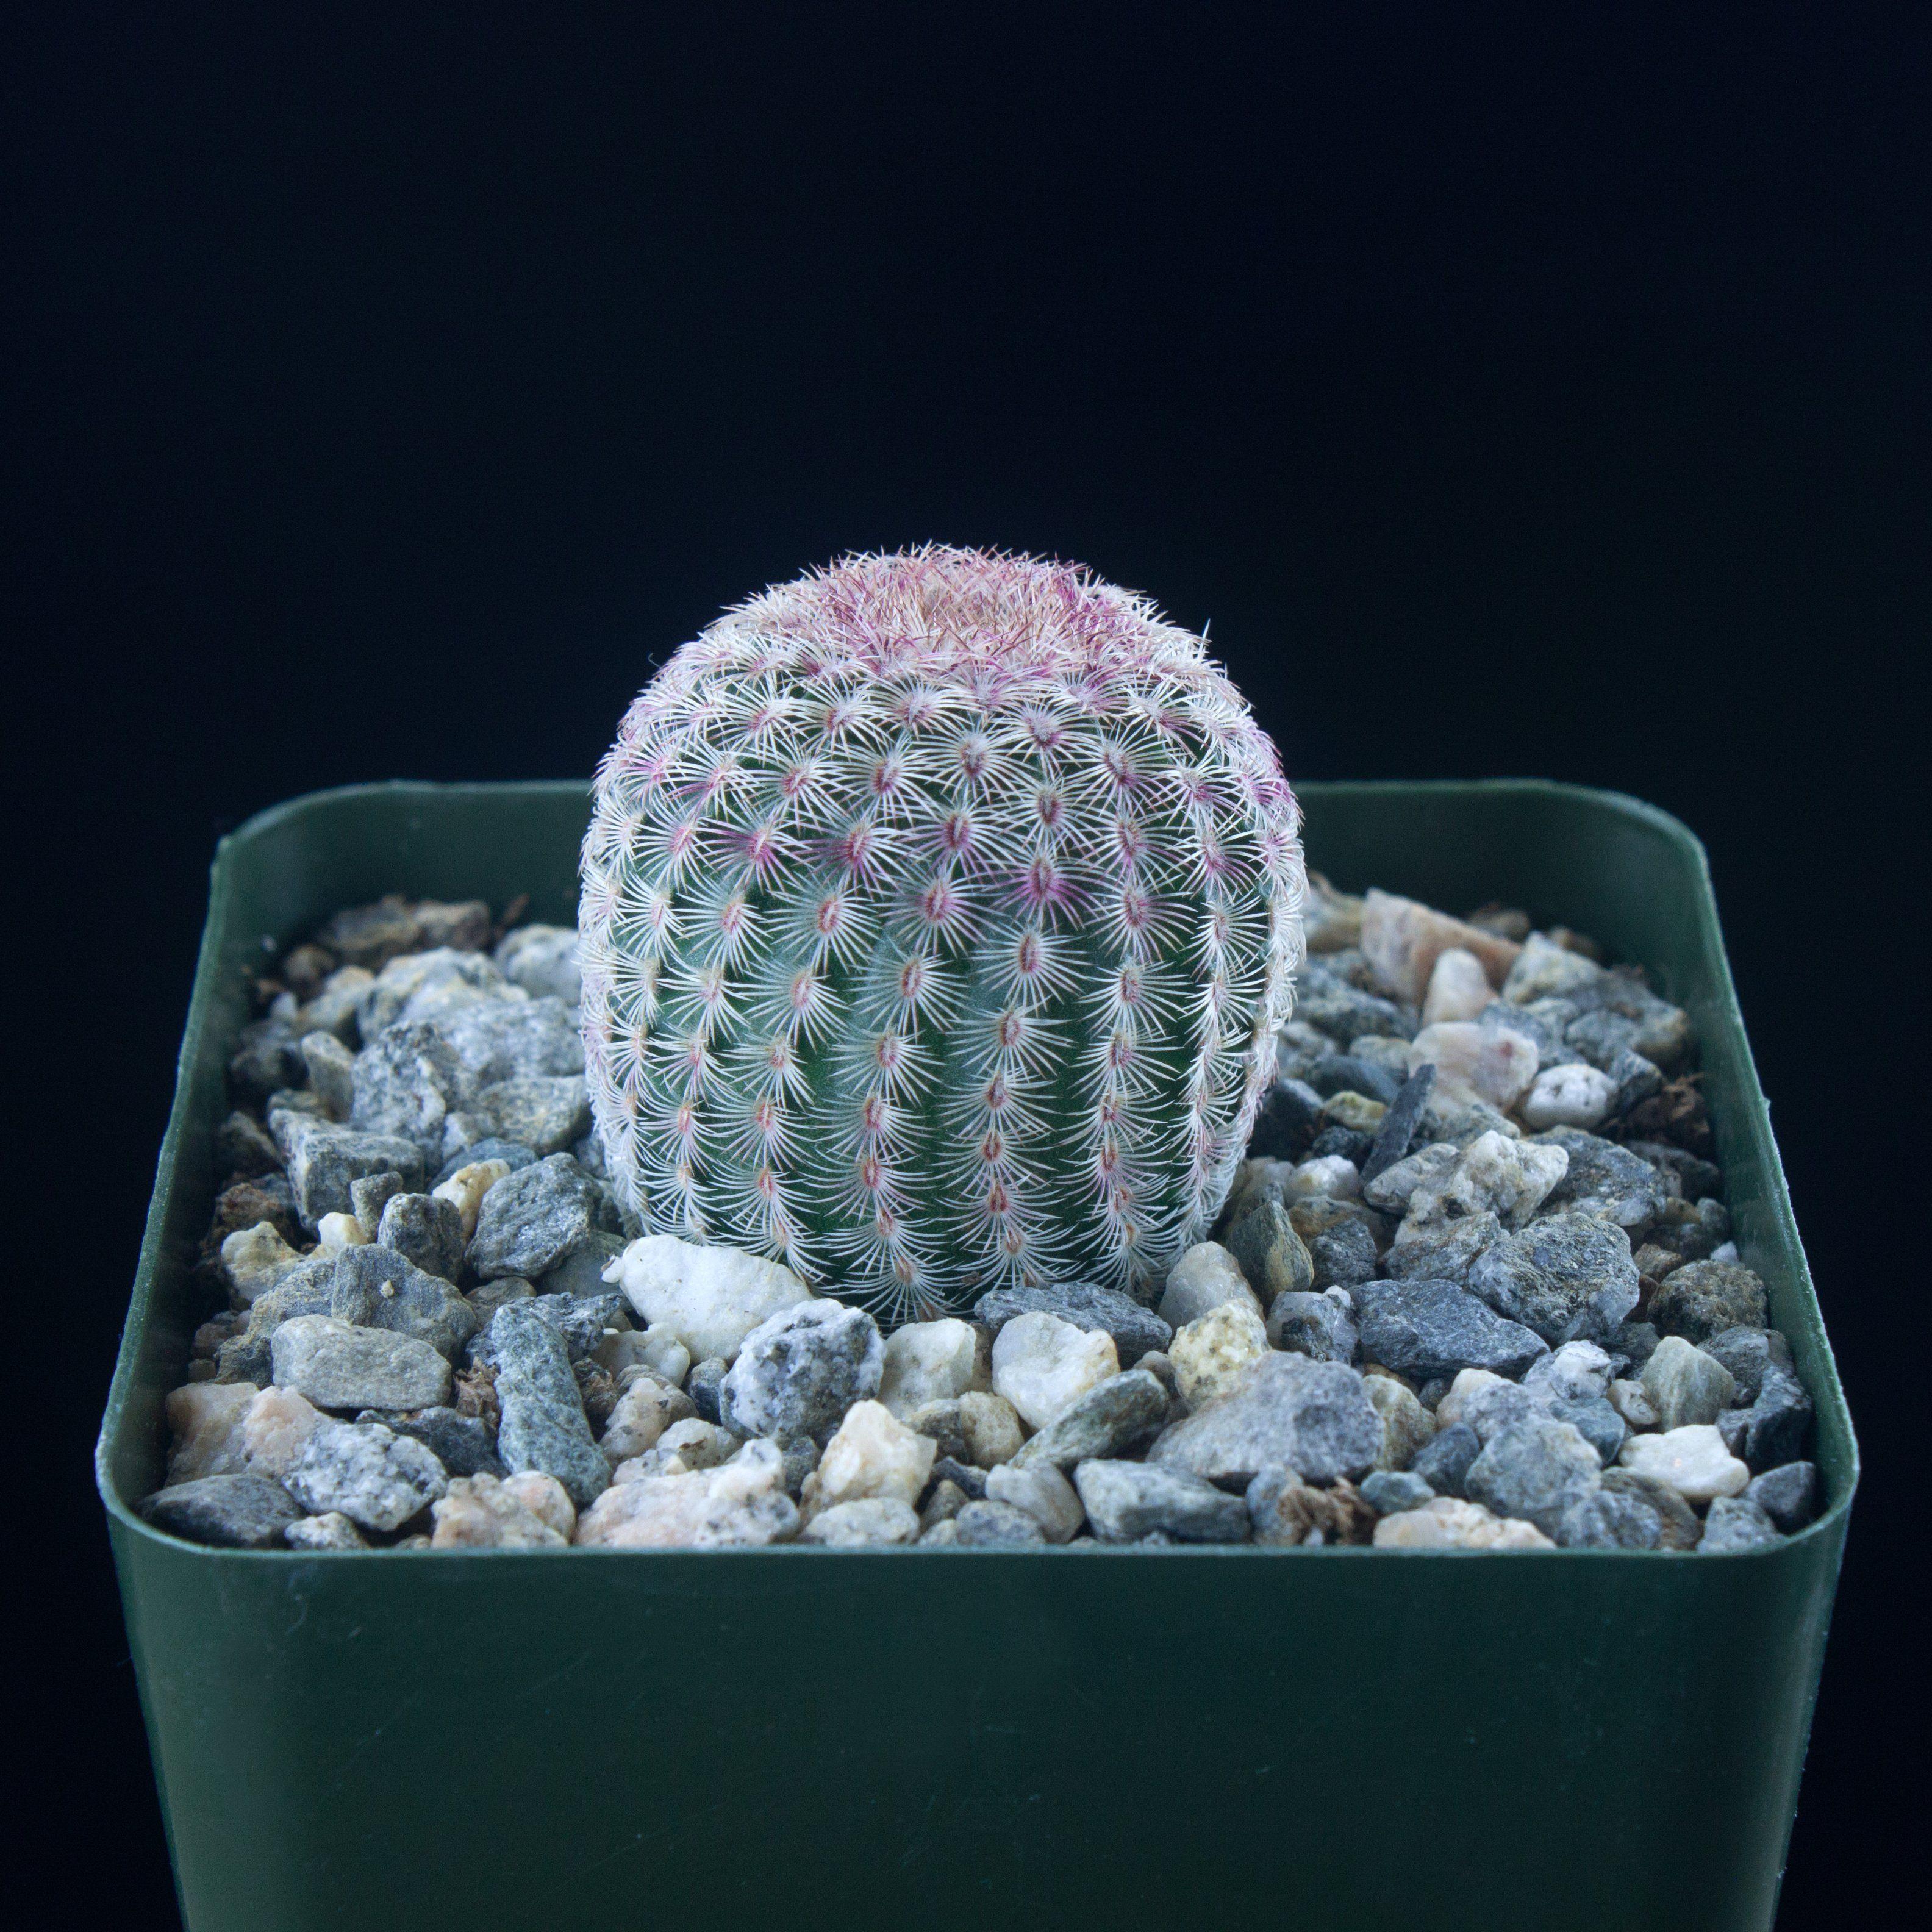 Echinocereus Rigidissimus Ssp Rubispinus 4 Inch Pot Size Rainbow Cactus Red Purple Bright Pink